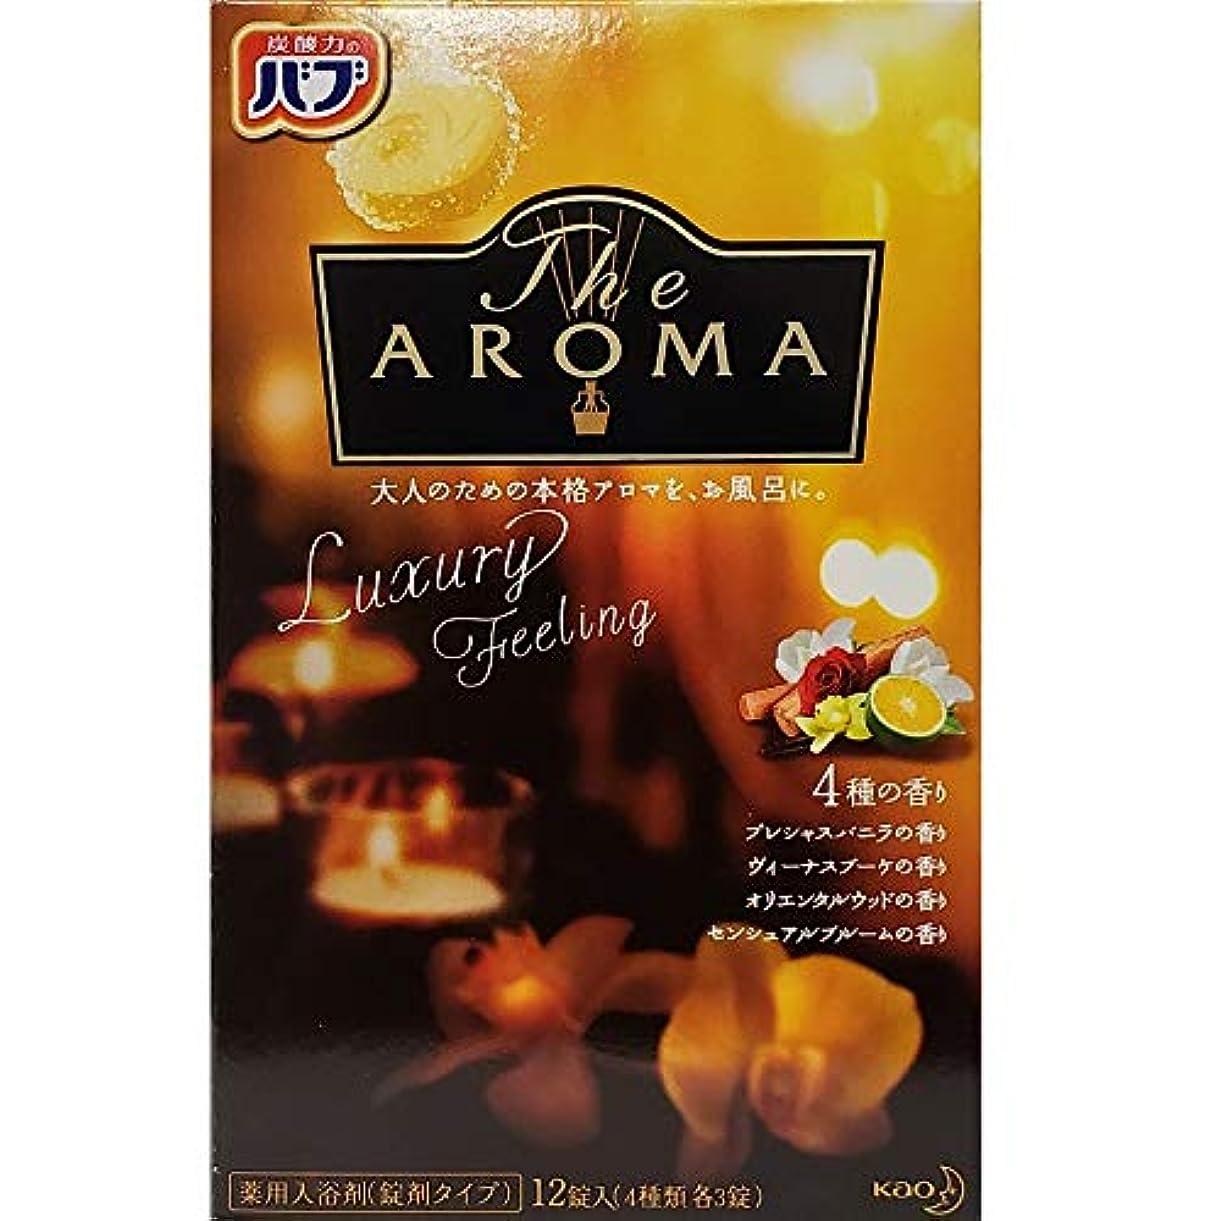 ターミナルエレベーターイーウェルバブ The Aroma Luxury Feeling 40g×12錠(4種類 各3錠) 医薬部外品